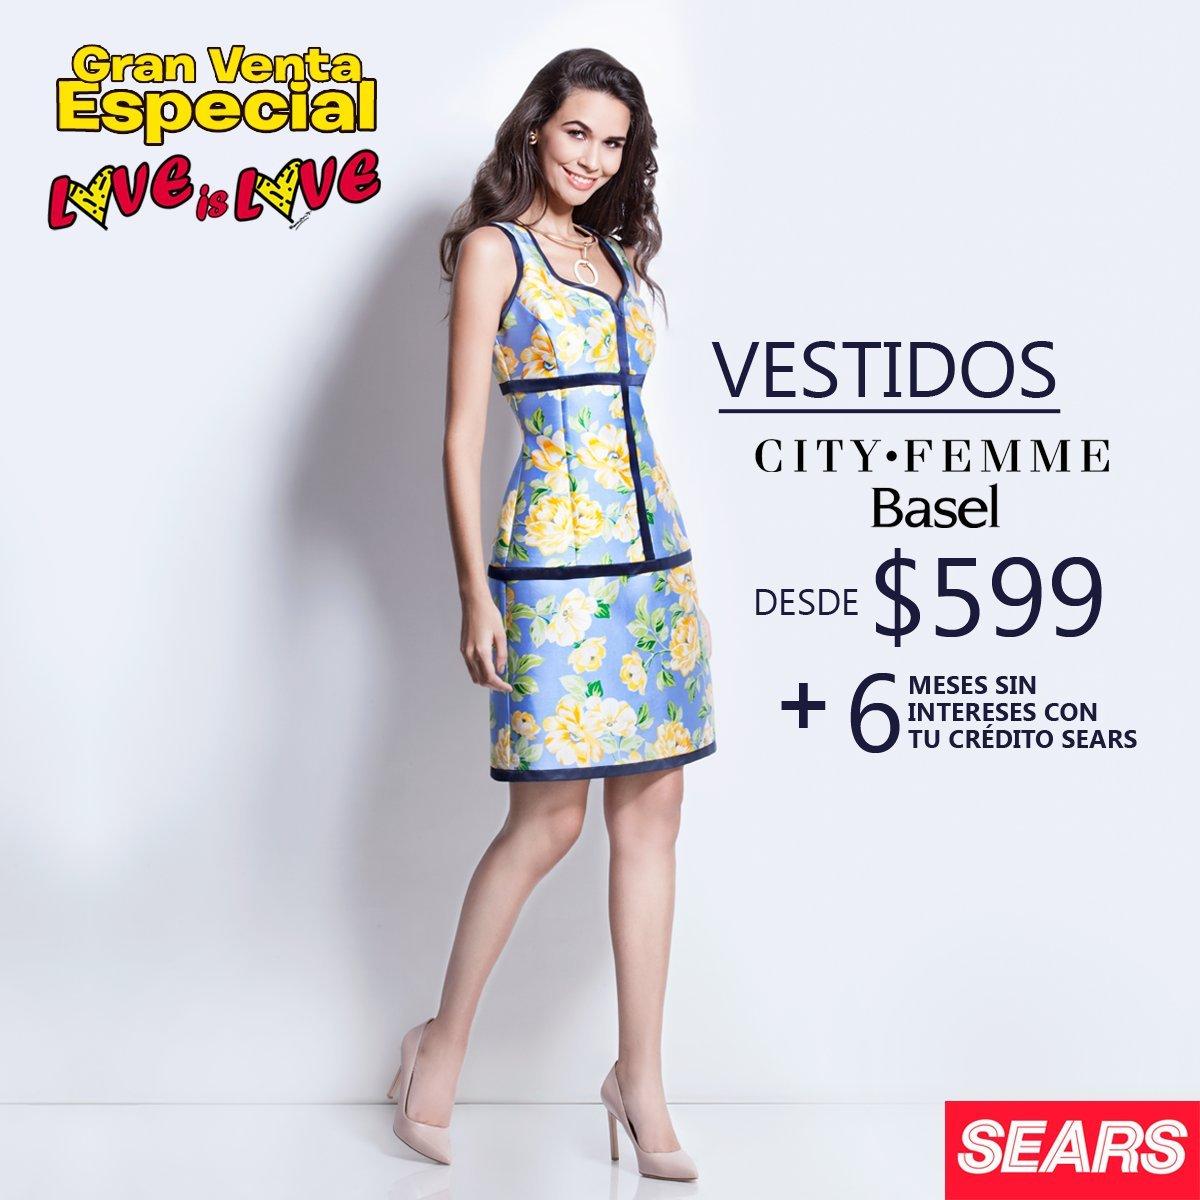 172334a3f6 Sears - Gran Venta Especial Love is Love   Vestidos City·Femme desde  599 +  6 MSI con tu crédito Sears... - LiquidaZona